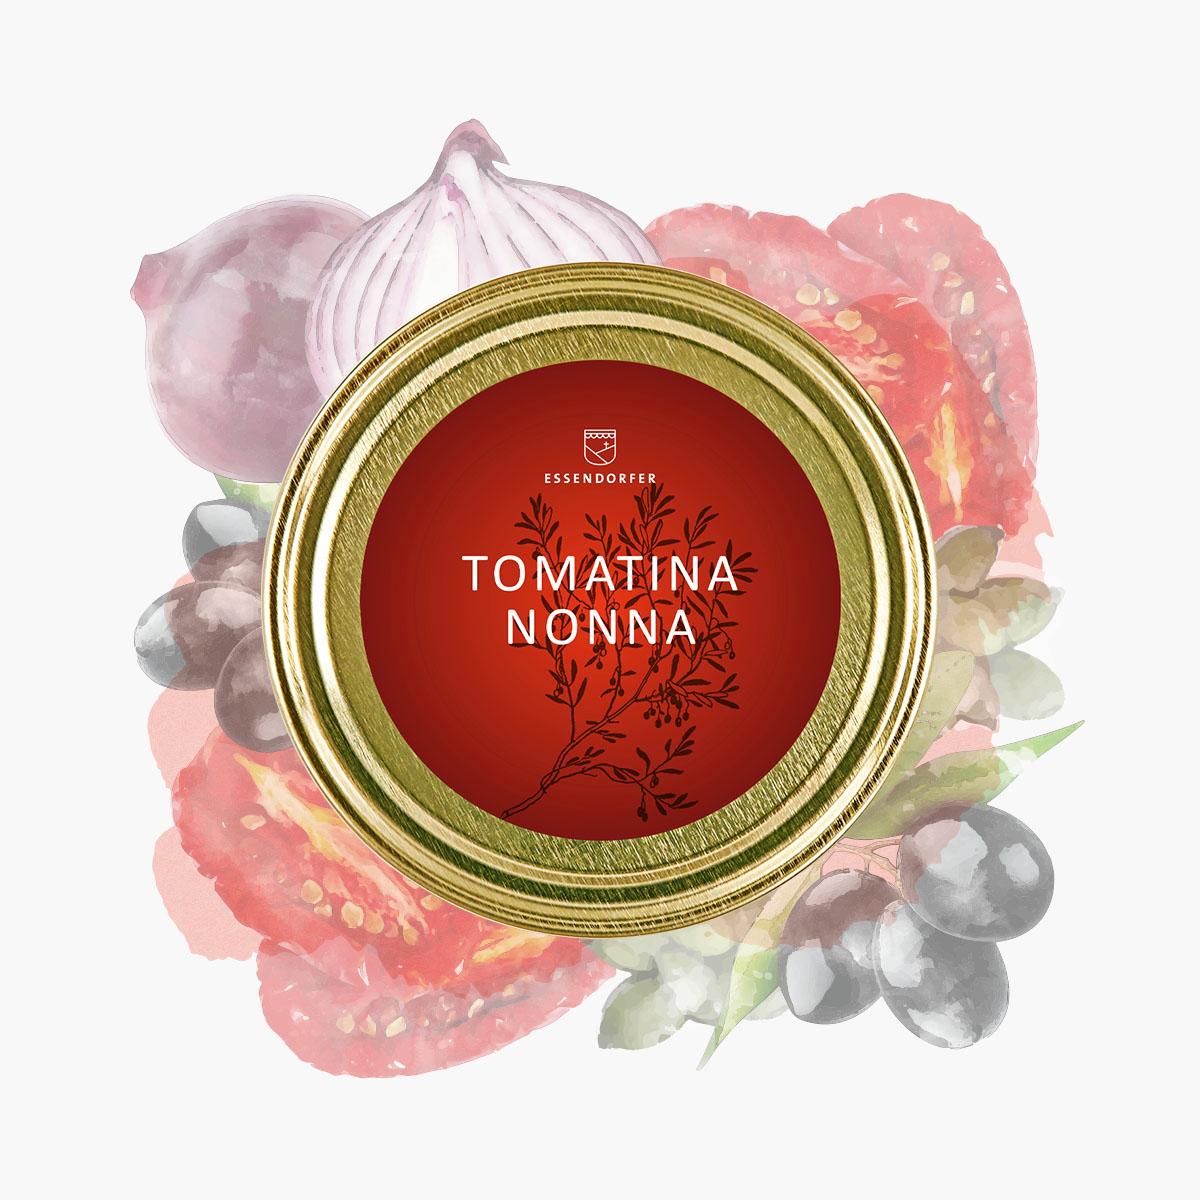 Tomatina Nonna von Essendorfer